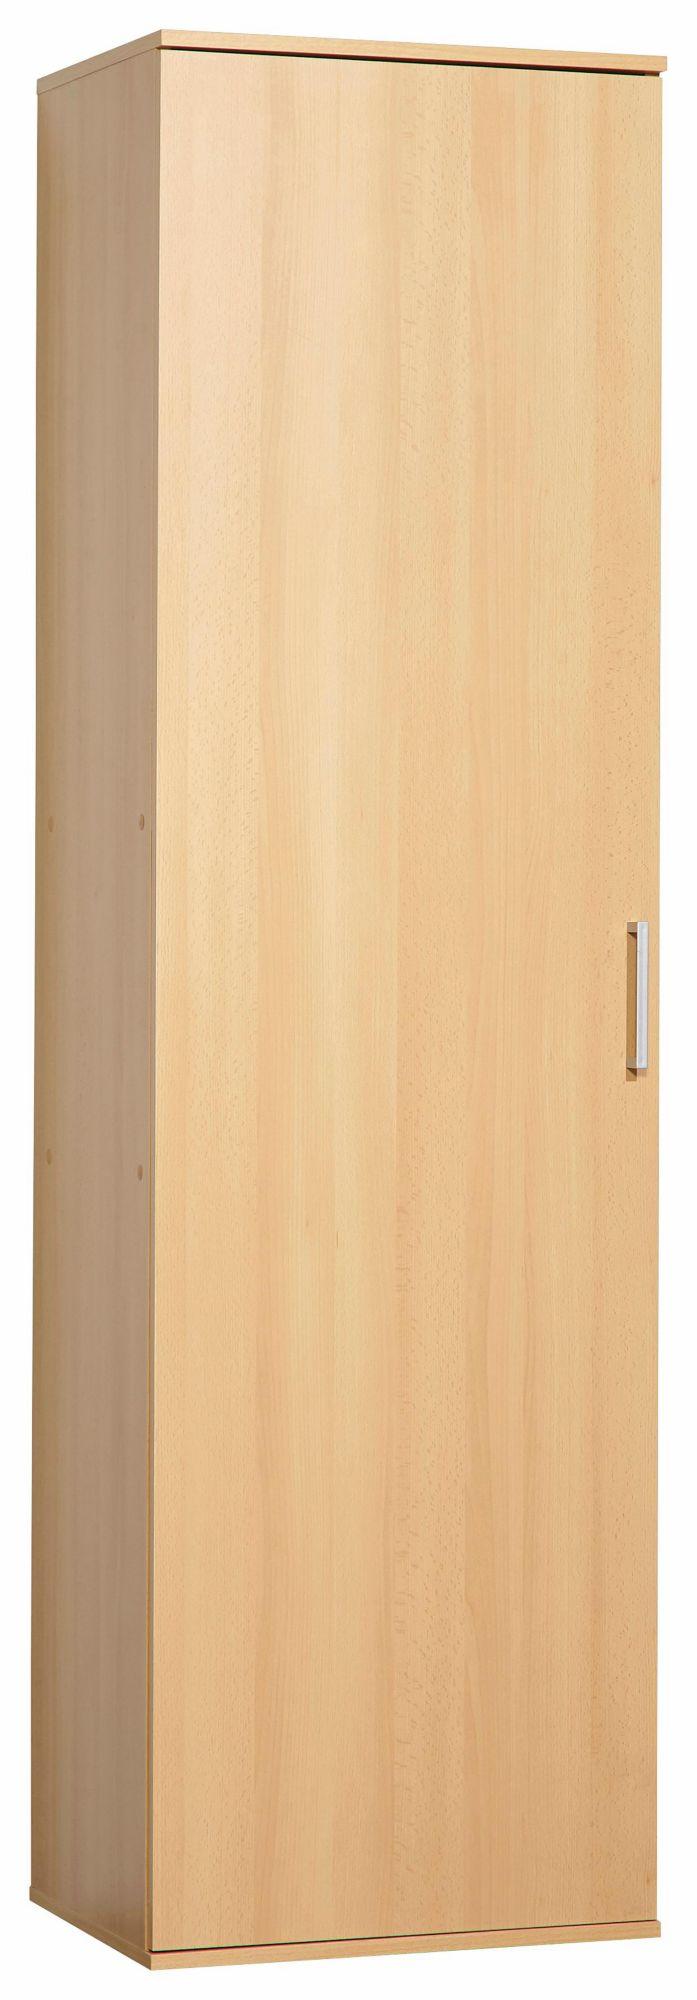 mehrzweckschrank dom breite 50 cm schwab versand. Black Bedroom Furniture Sets. Home Design Ideas